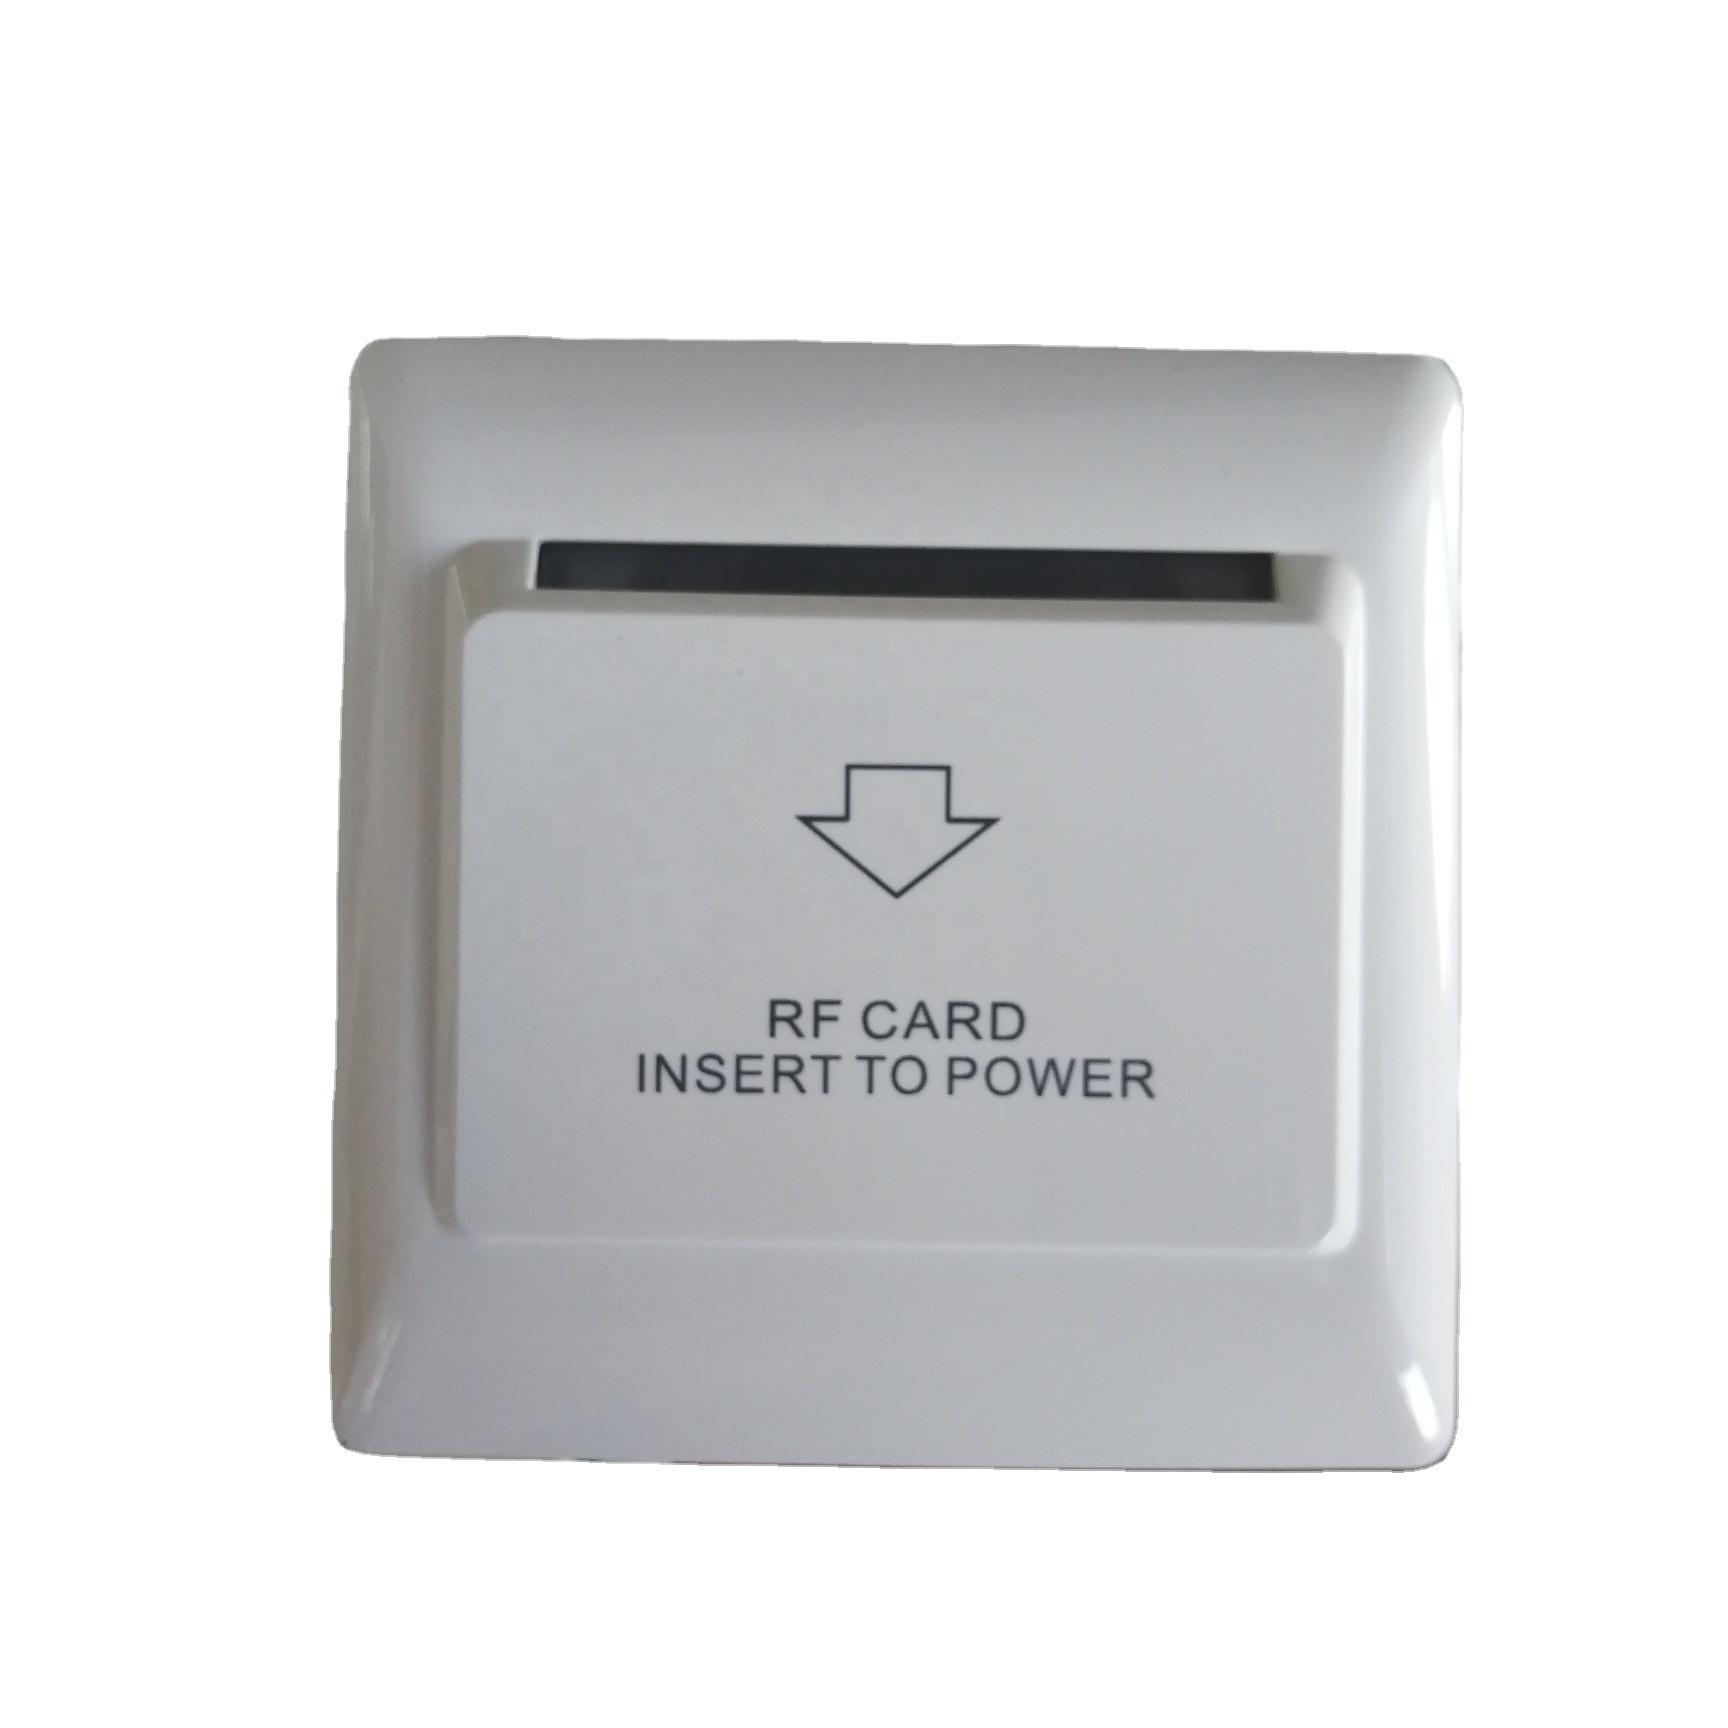 โรงแรม RFID พลาสติกกล่องประหยัดพลังงานไฟฟ้าประหยัดพลังงานการ์ด